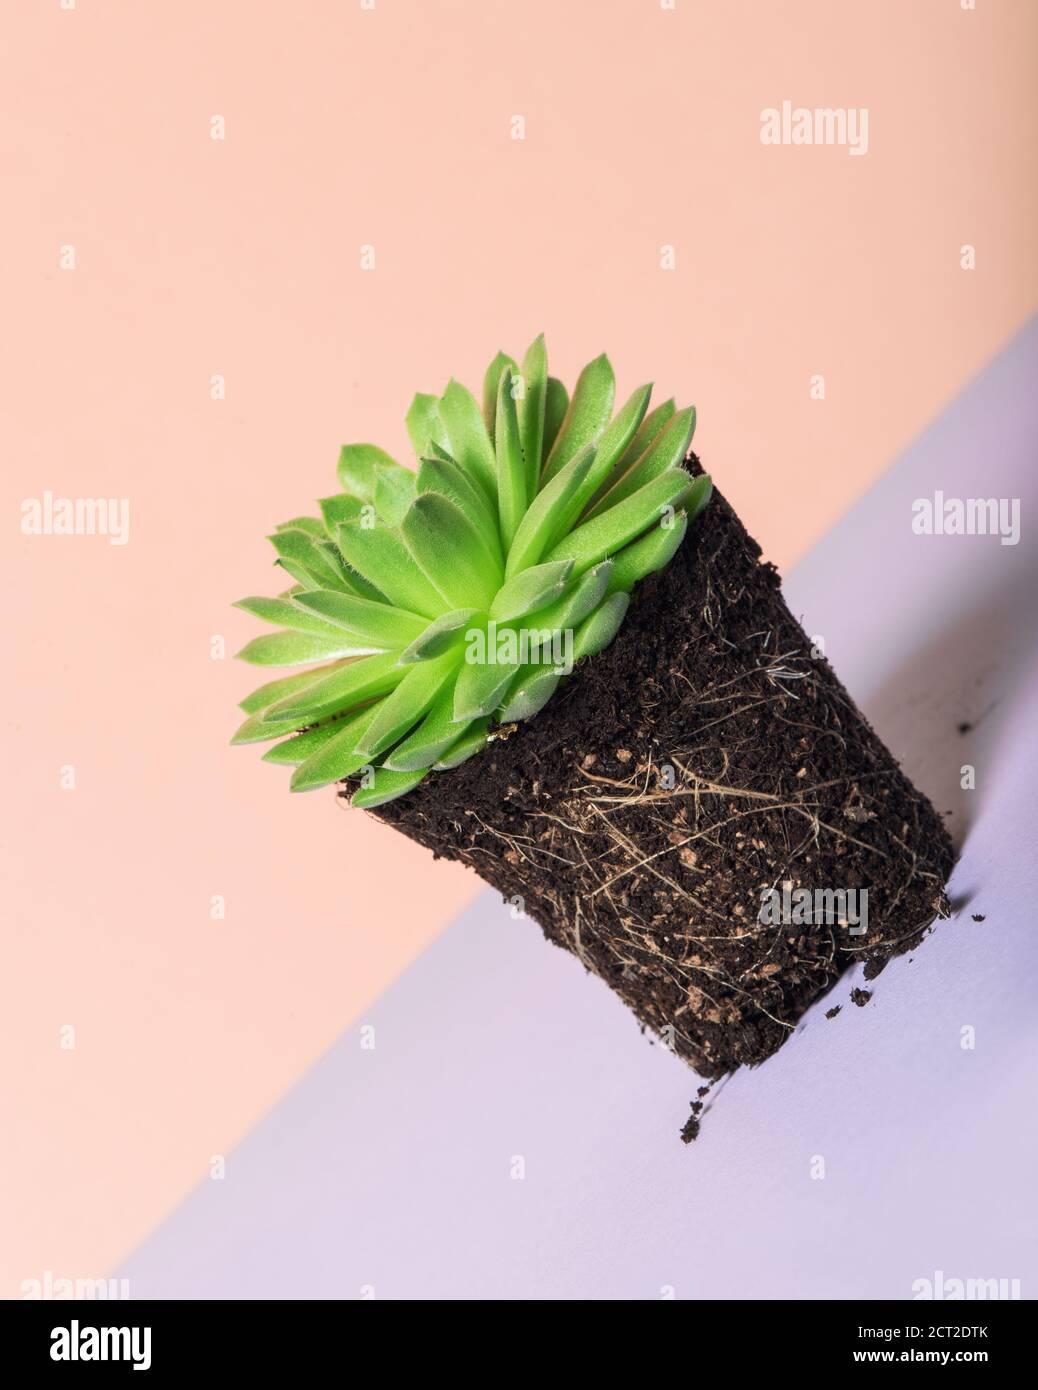 Plante succulente de sempervivum. Décoration florale sur fond de couleur Banque D'Images